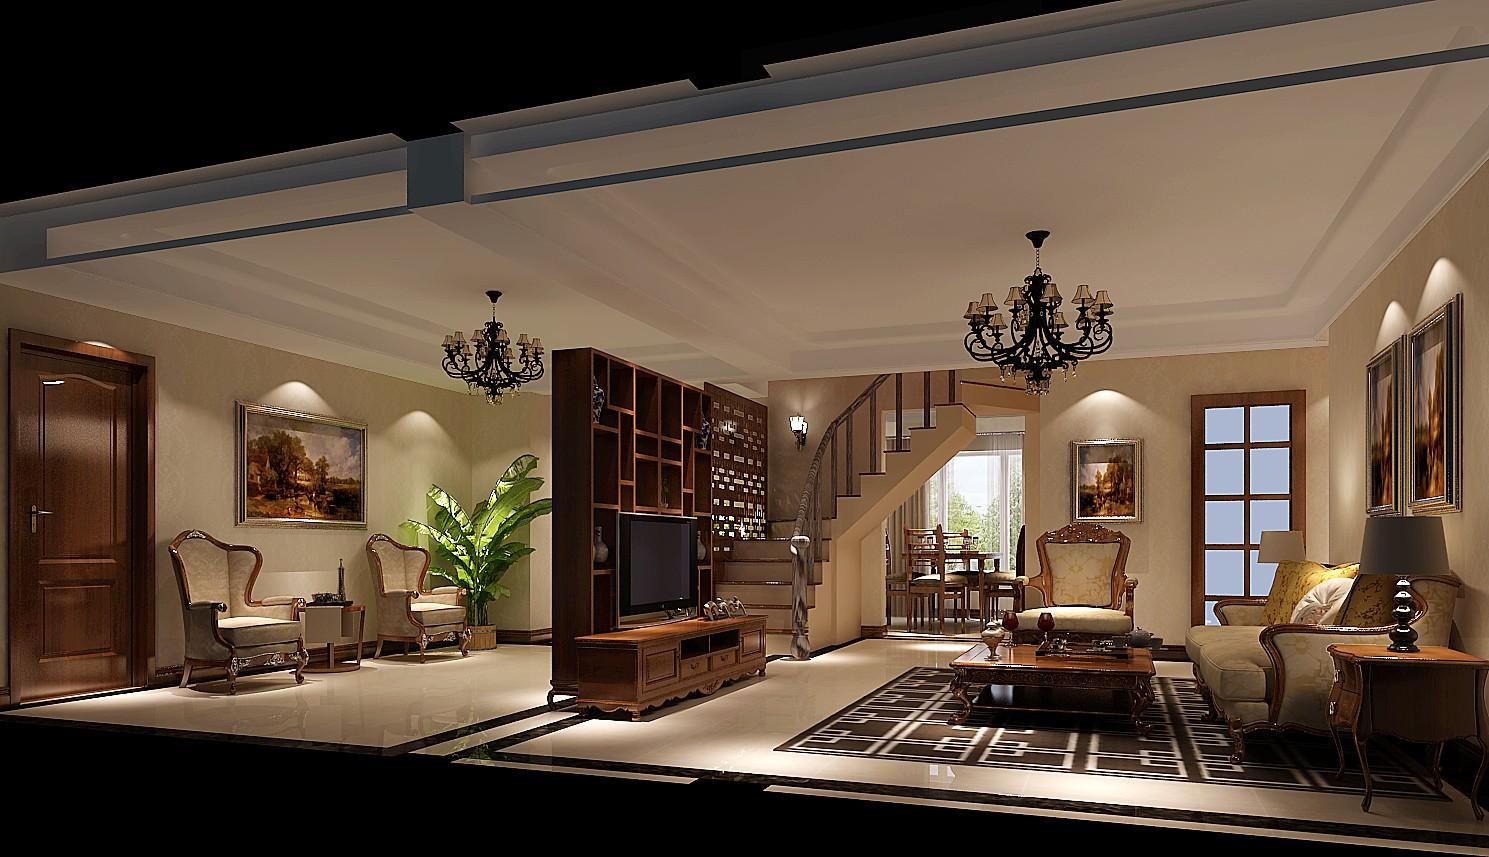 简约 混搭 别墅 白领 80后 复式 高度国际 鲁能7号院 时尚 客厅图片来自北京高度国际装饰设计在鲁能7号院混搭复式公寓的分享